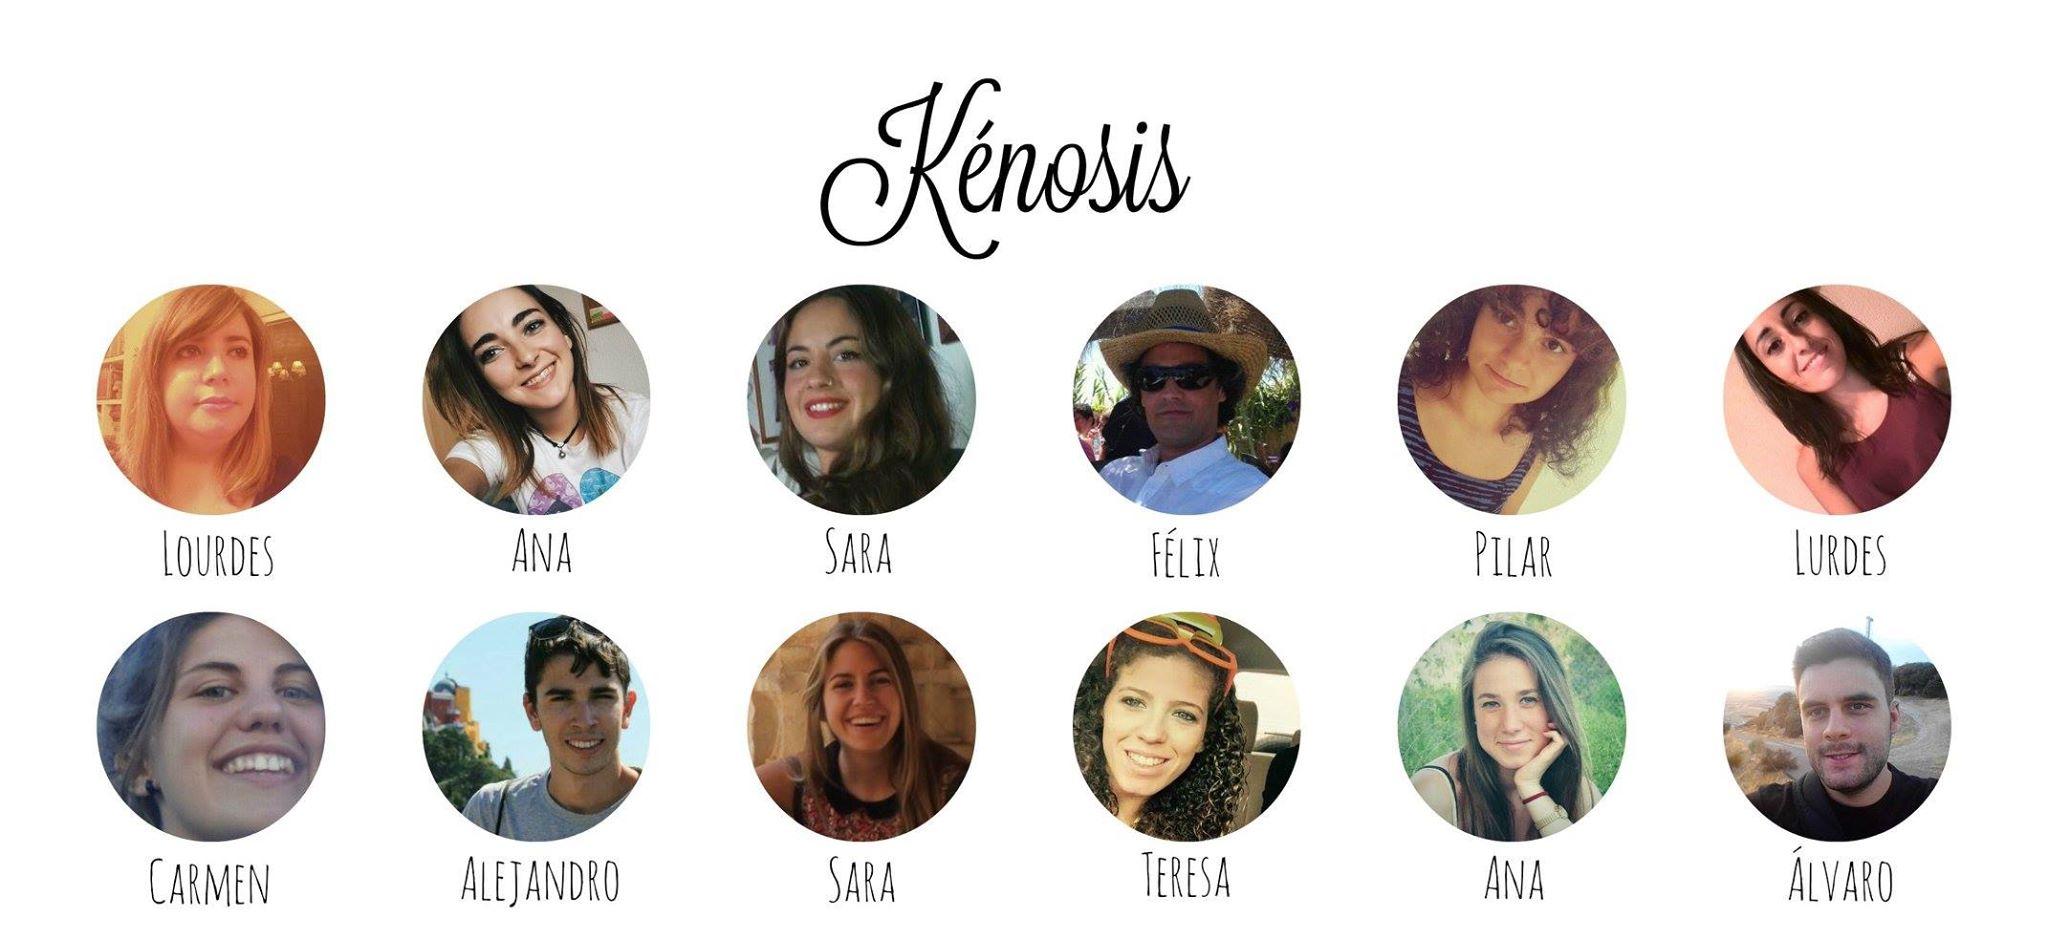 Kénosis